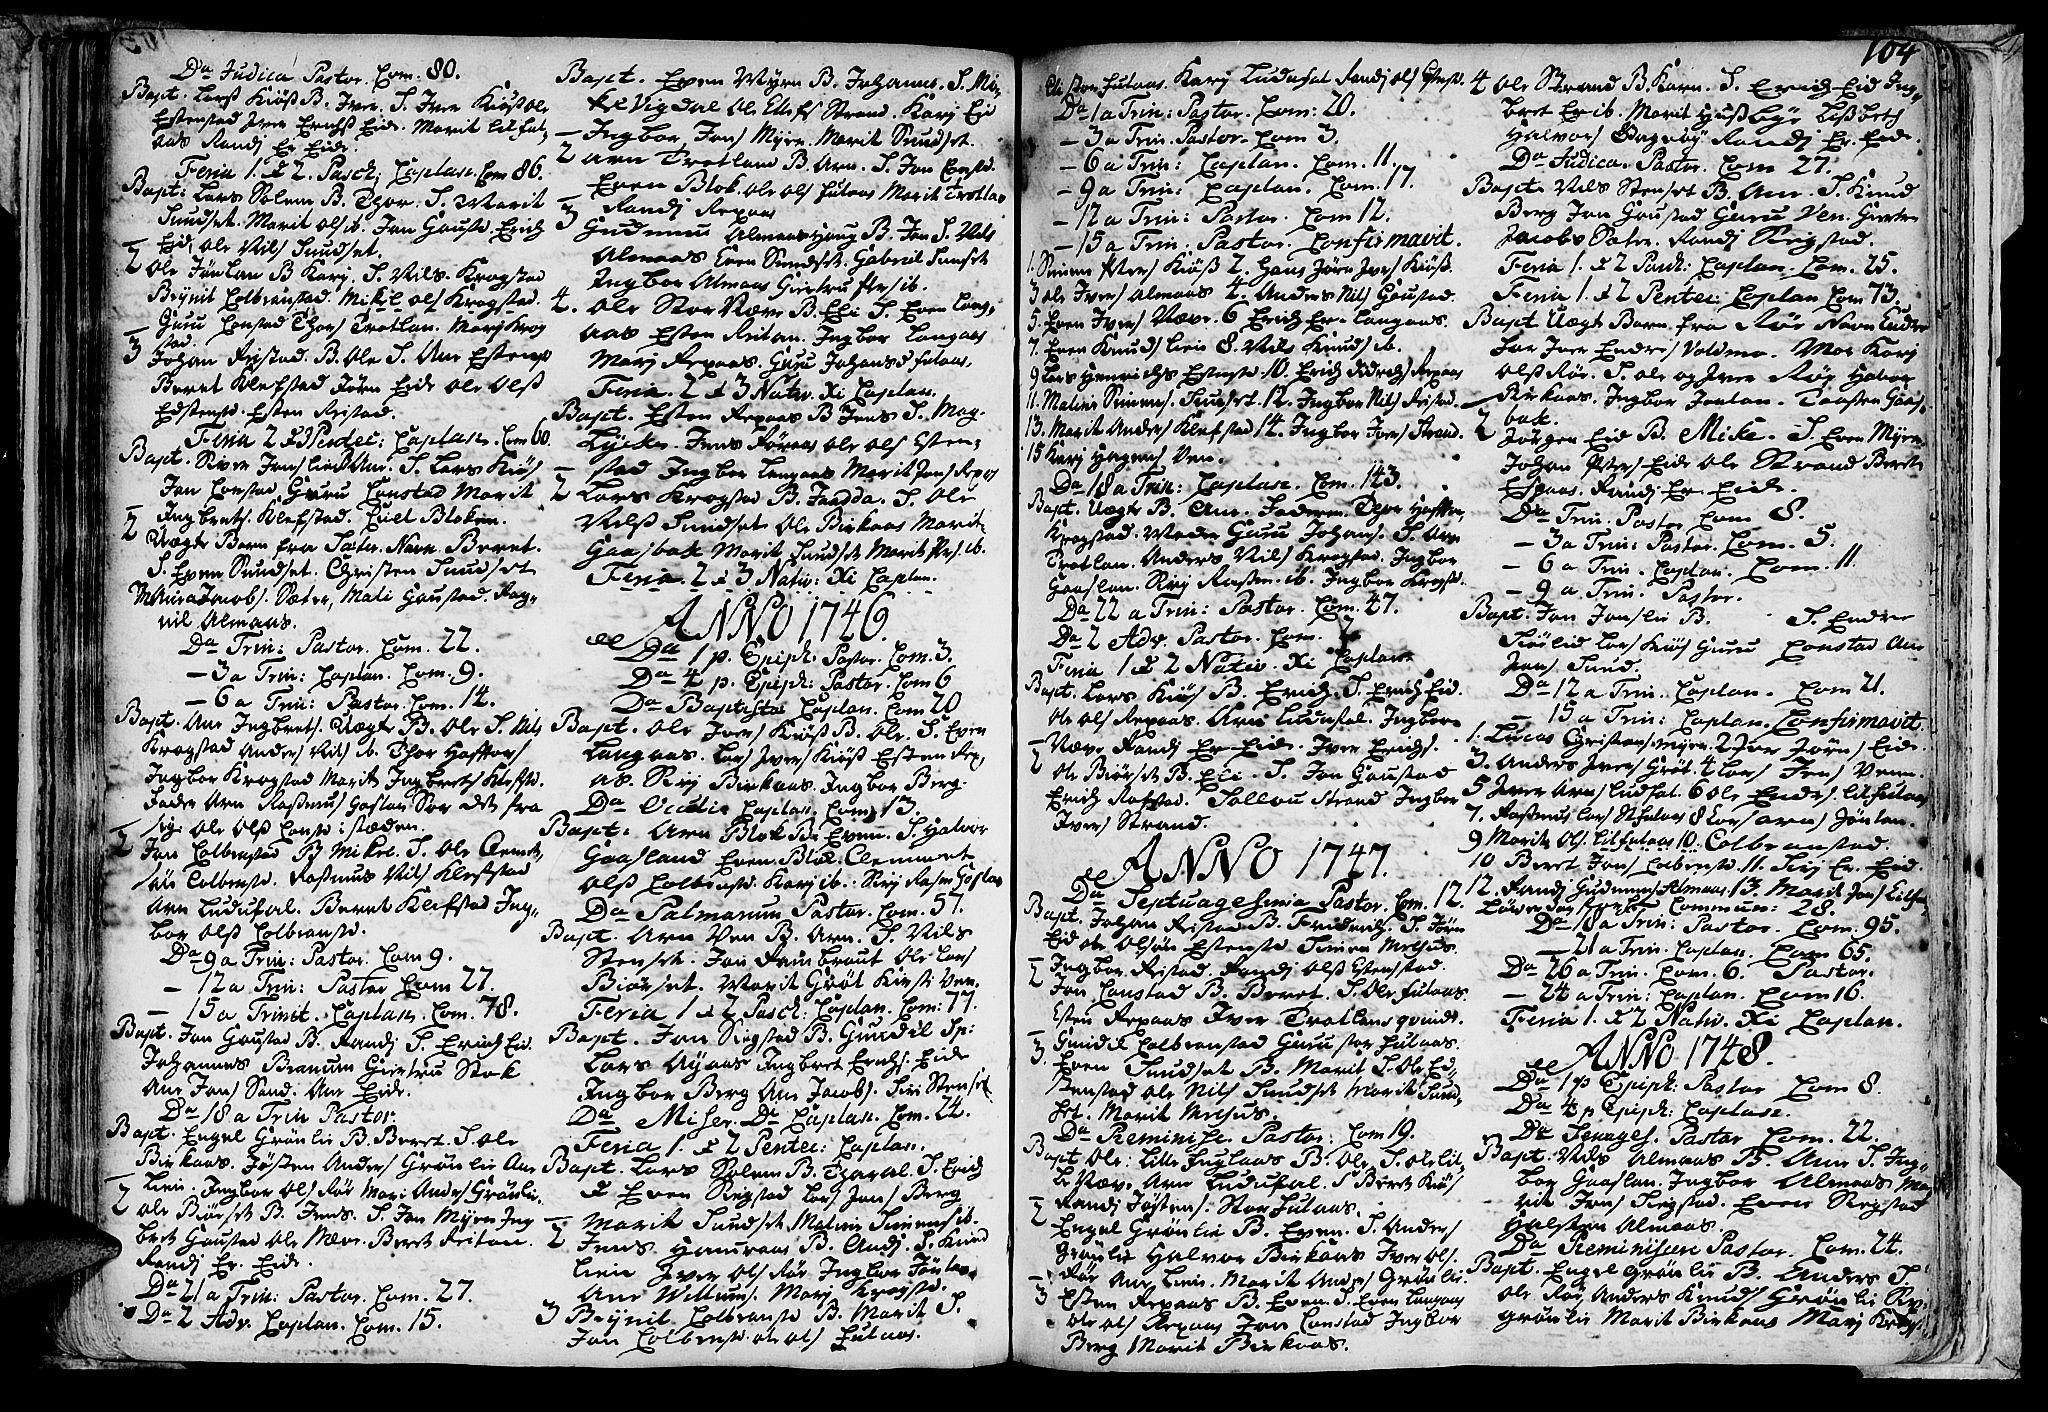 SAT, Ministerialprotokoller, klokkerbøker og fødselsregistre - Sør-Trøndelag, 691/L1060: Ministerialbok nr. 691A01 /4, 1740-1767, s. 104